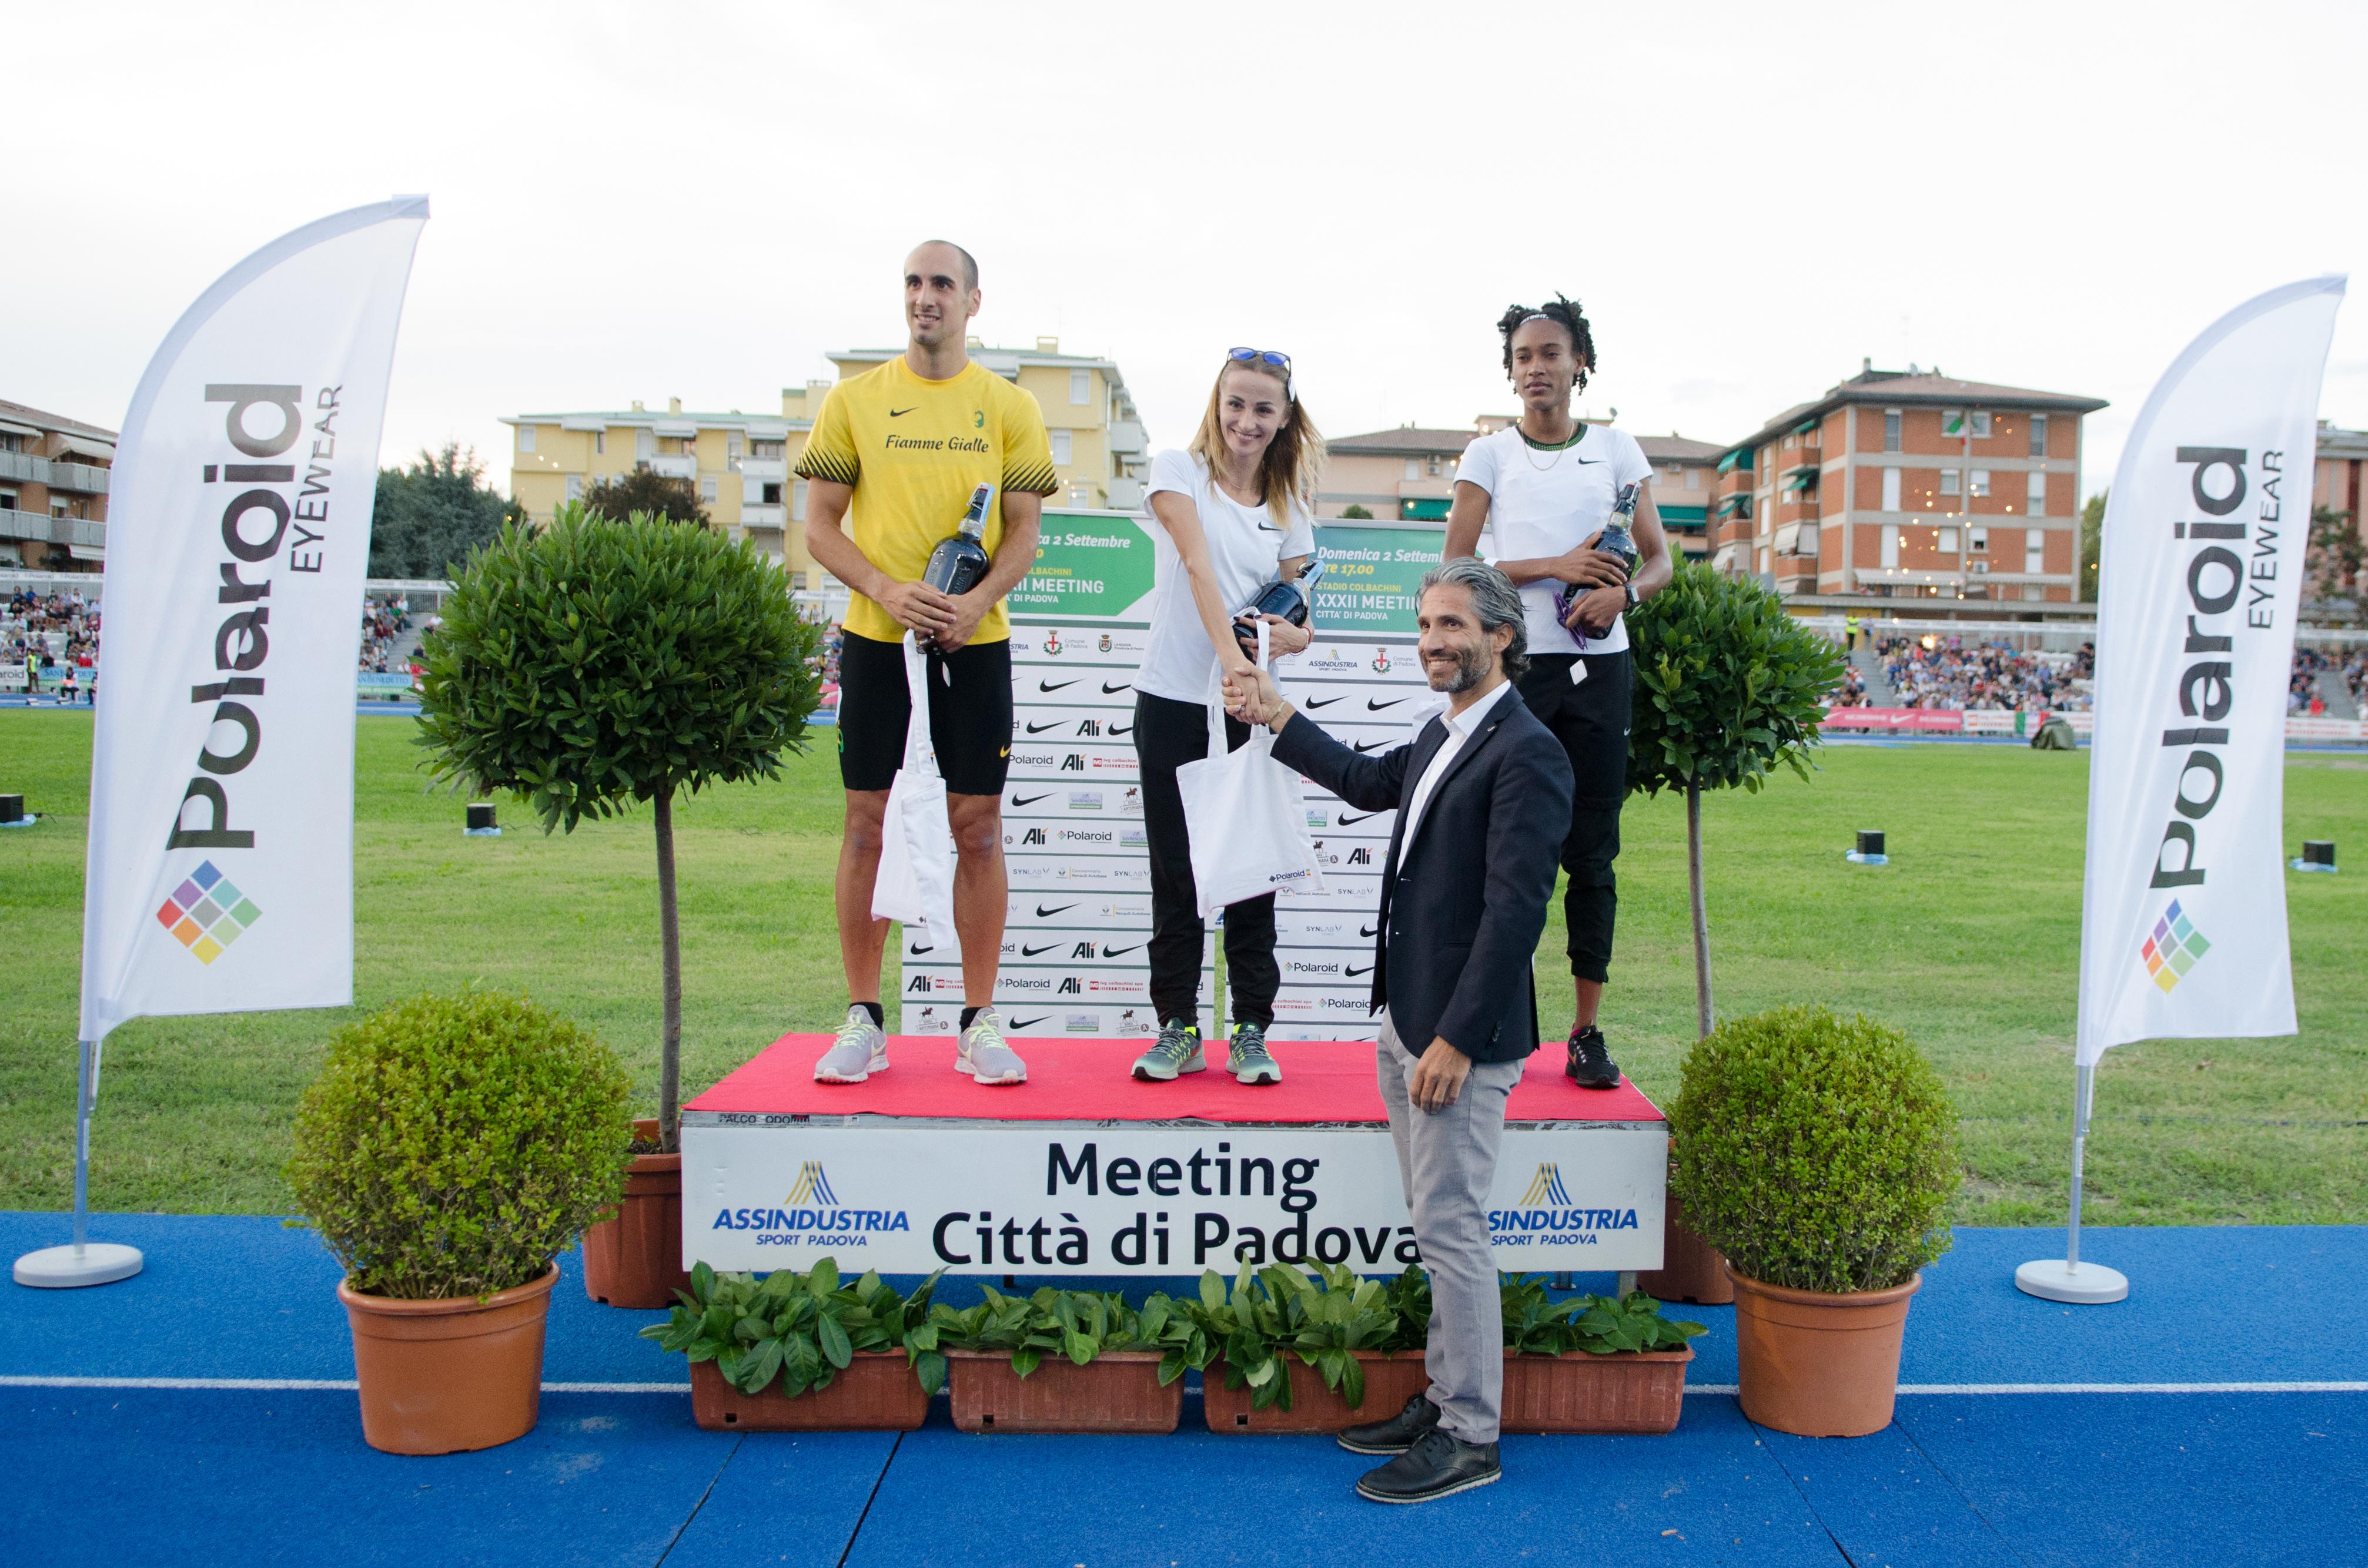 Alì all'inaugurazione ufficiale dello Stadio Colbachini con il XXXII Meeting Città di Padova